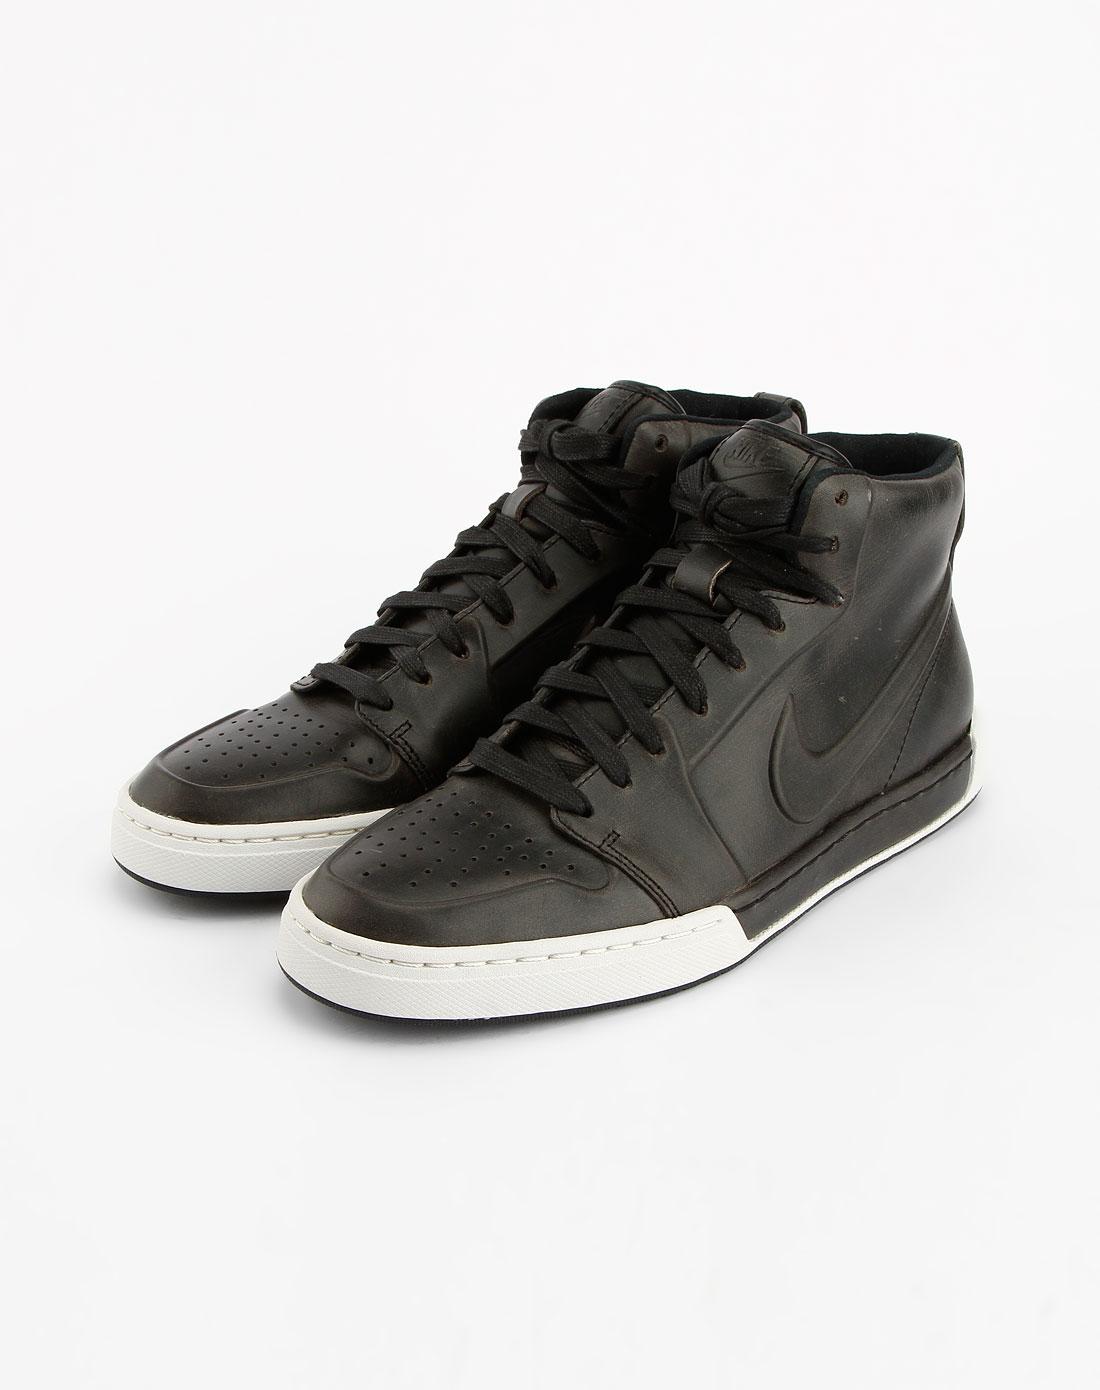 耐克nike黑/白色高帮透气运动鞋395757-005